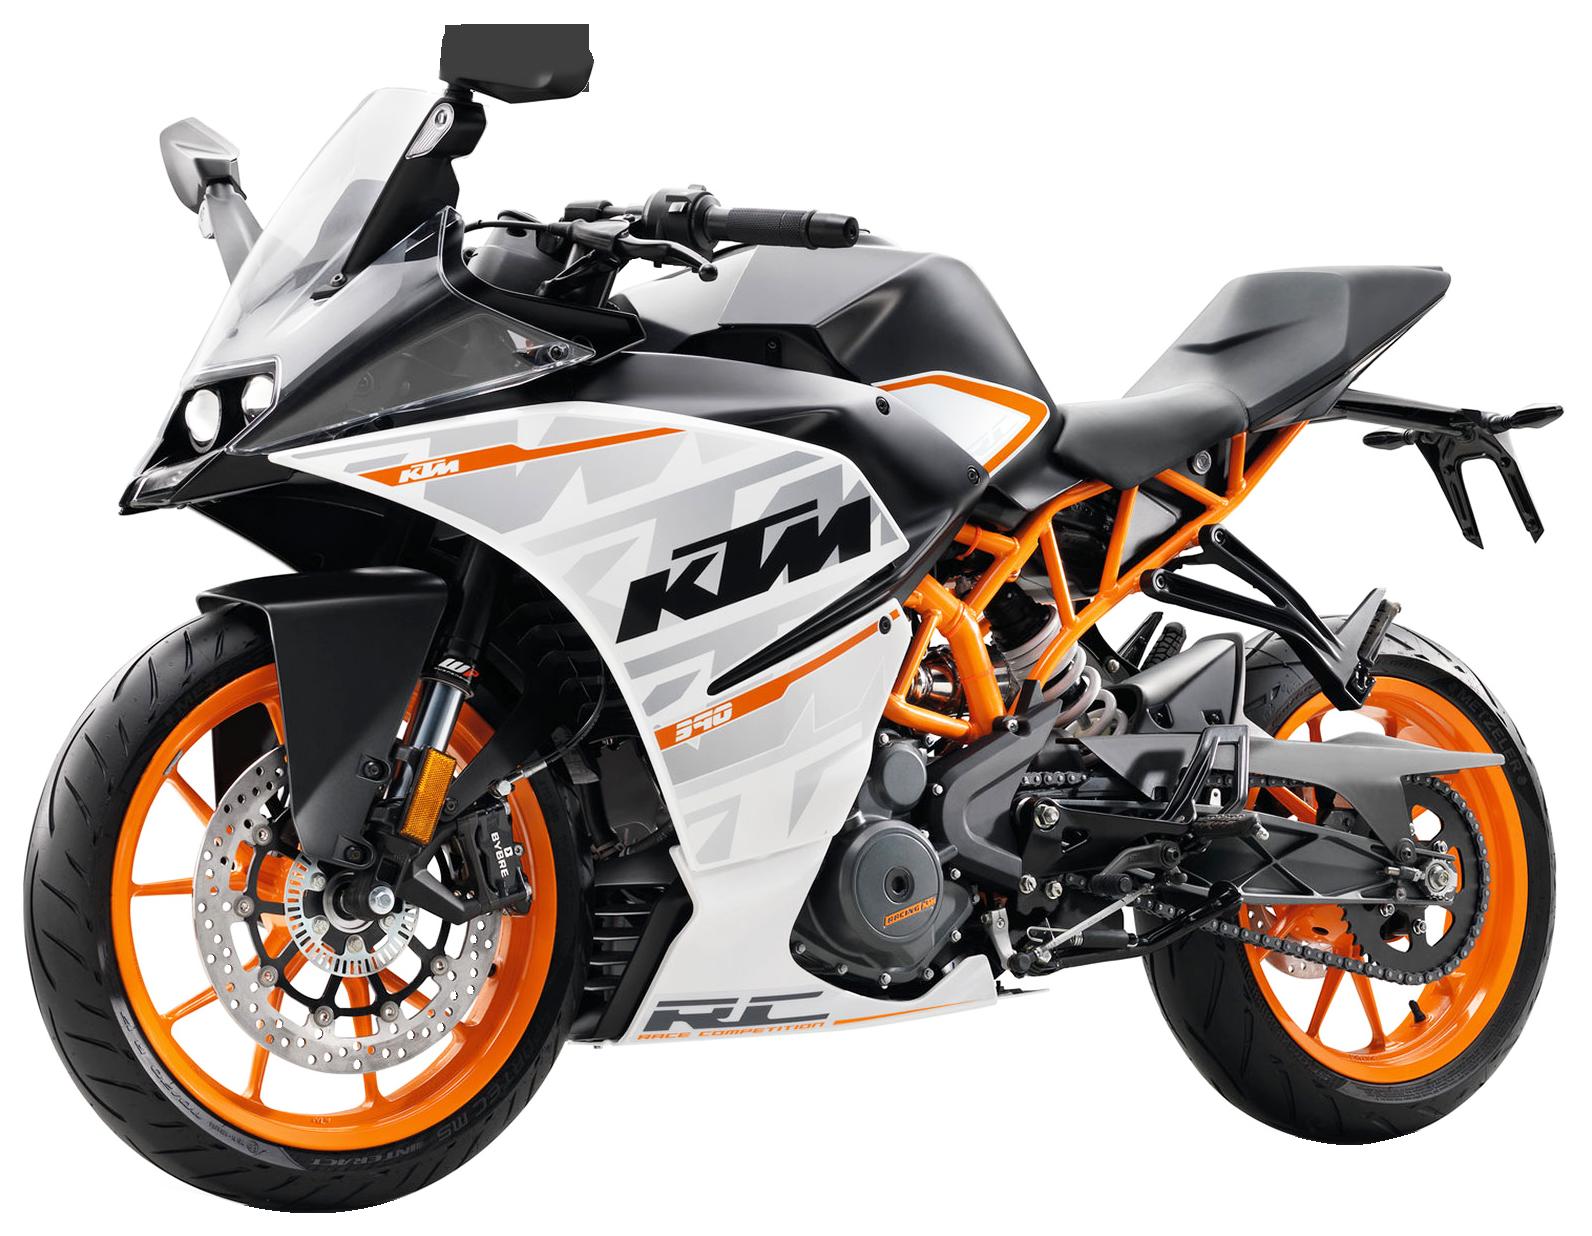 KTM RC 390 Motorcycle Bike PNG Image - Bikers PNG HD